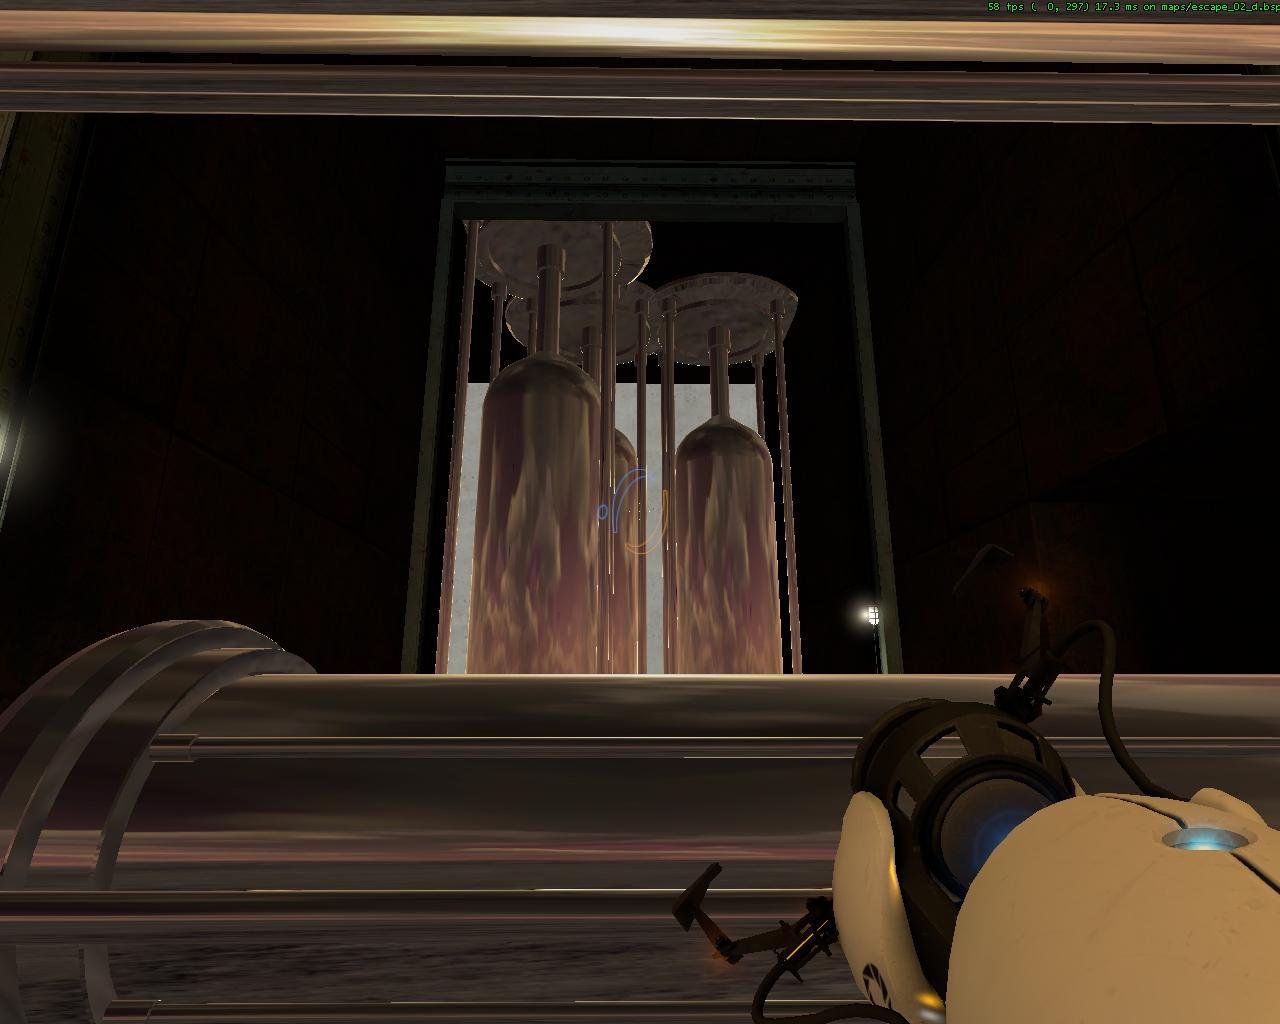 escape_02_d0061.jpg - Portal escape_02_d, Portal 2006, Portal Beta